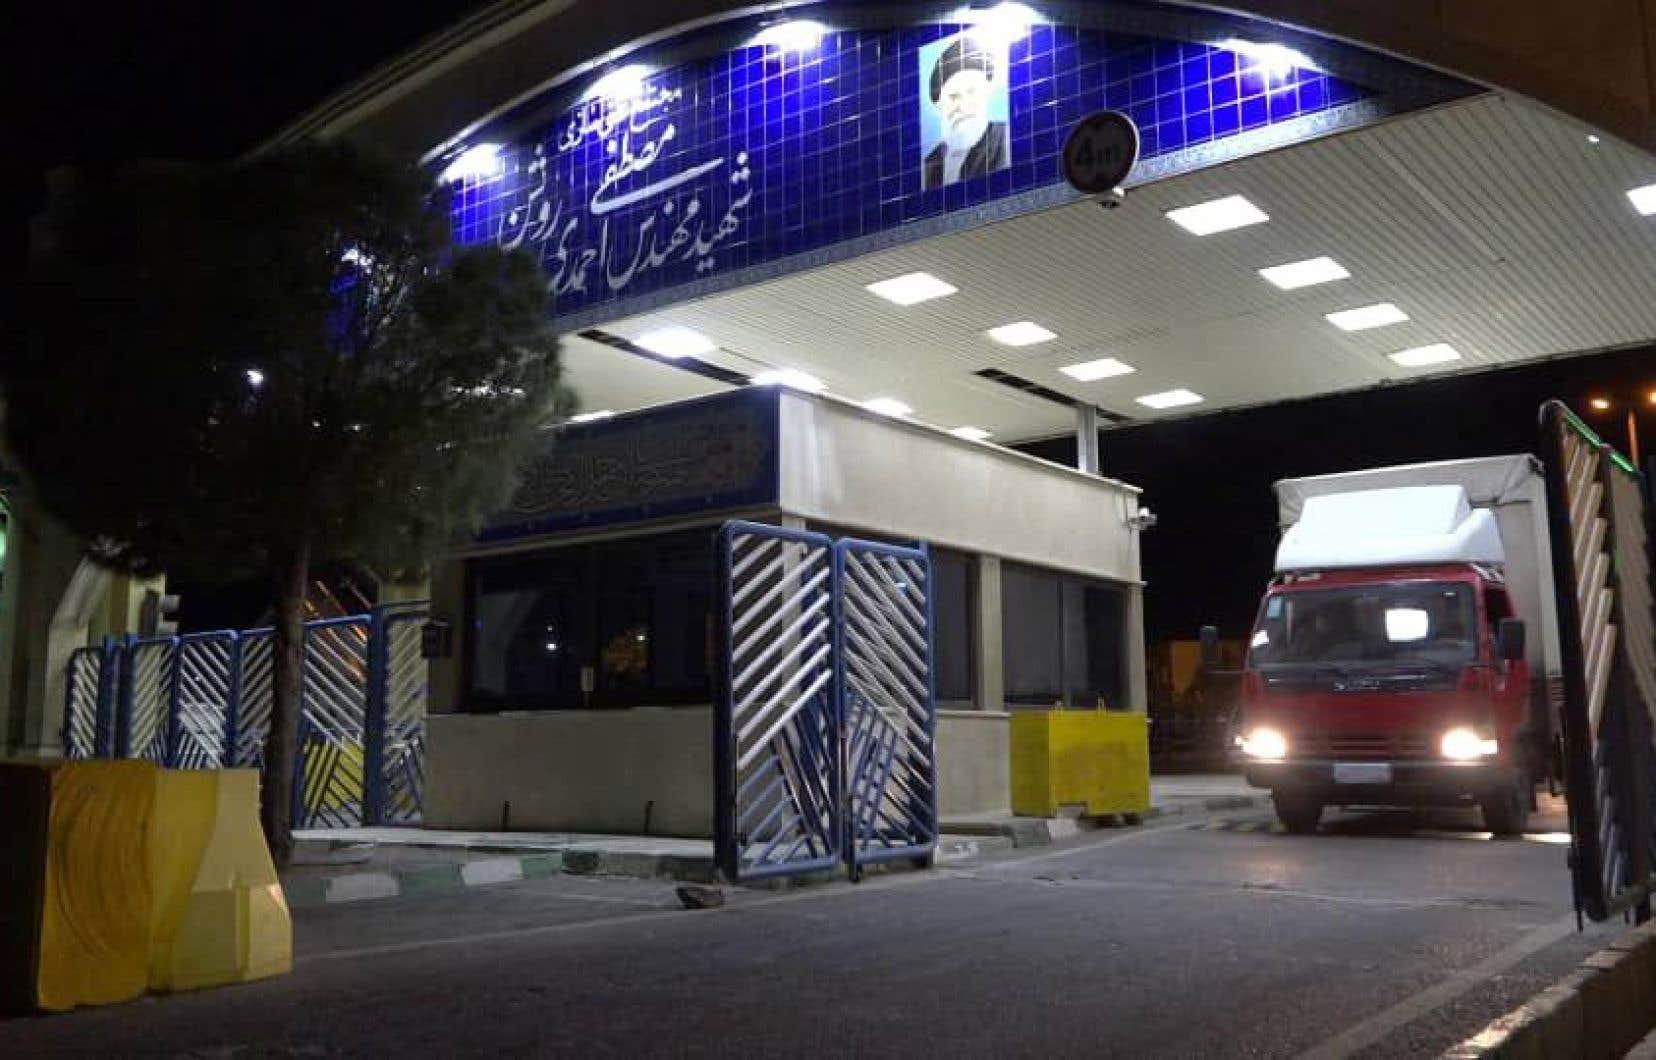 «Le processus pour produire de l'uranium enrichi à 20% a commencé au complexe d'enrichissement Shahid Alimohammadi» de Fordo, a déclaré le porte-parole du gouvernement iranien.